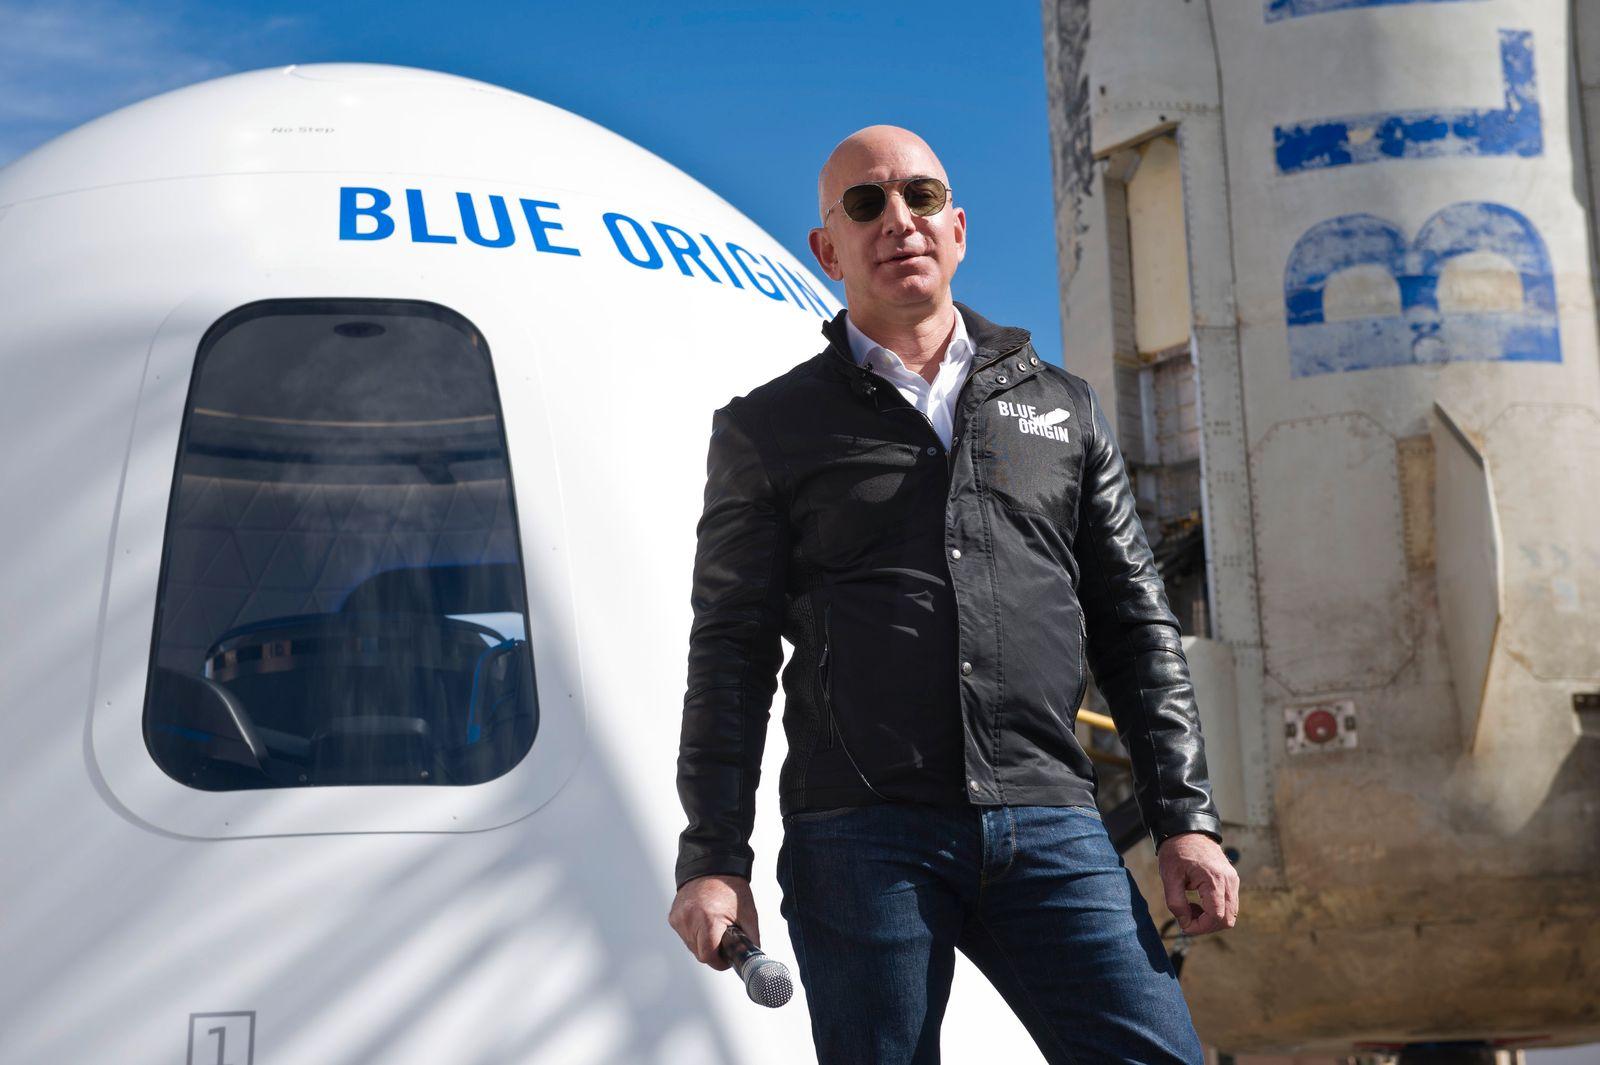 Nach Branson will nun auch Bezos Kurztrip ins All unternehmen